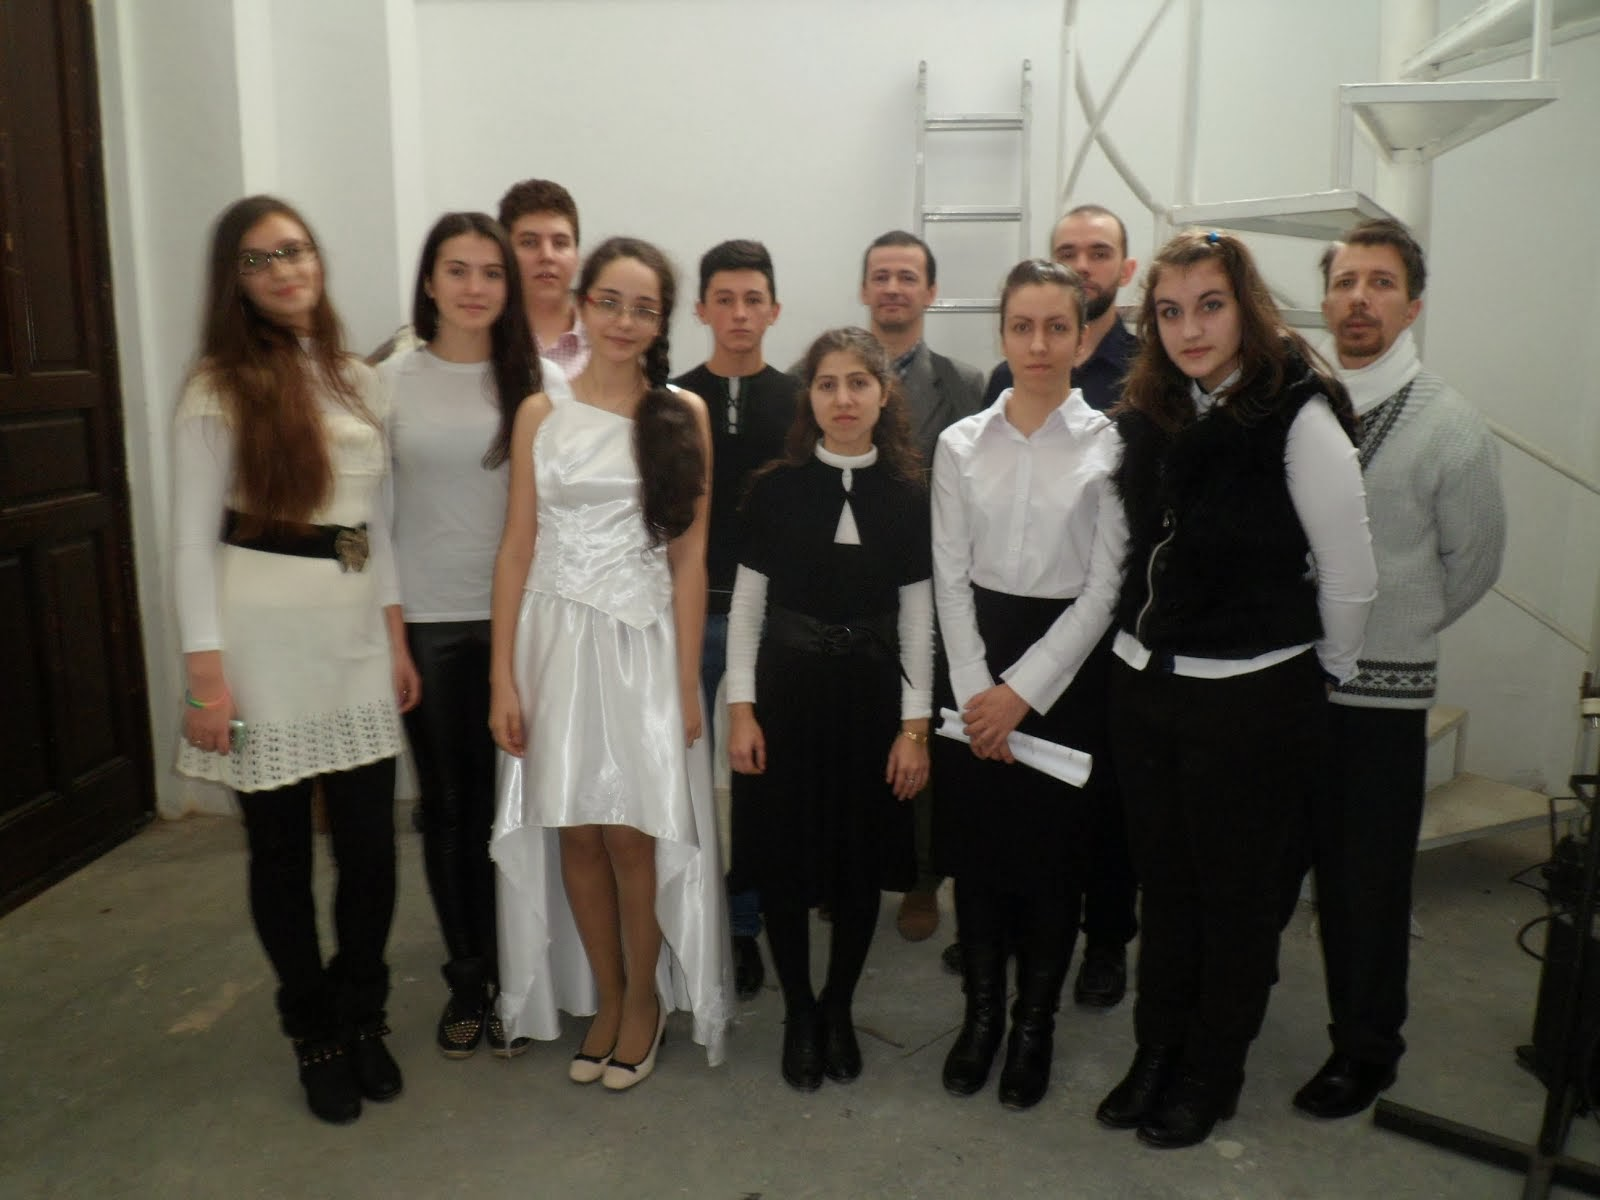 GRUPUL VOCAL-Teatrul Victor Ion Popa-13 decembrie 2013